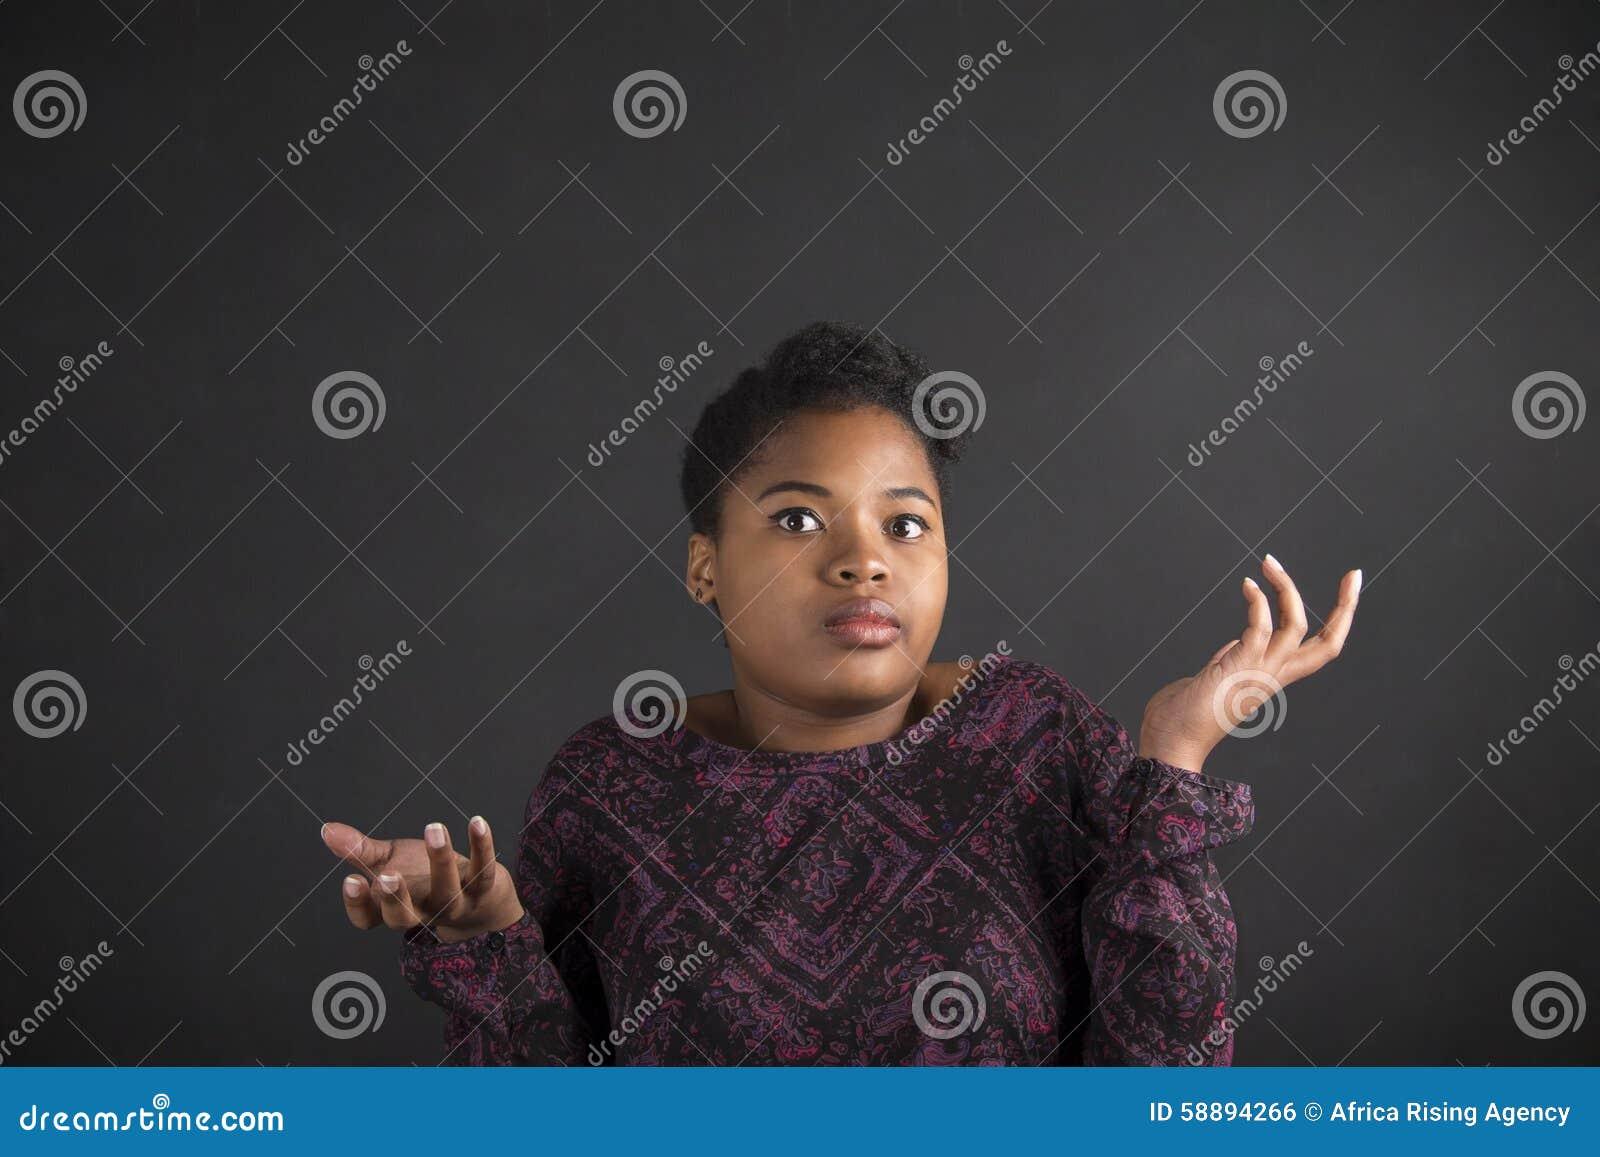 Γυναίκα αφροαμερικάνων με δεν ξέρω τη χειρονομία στο υπόβαθρο πινάκων